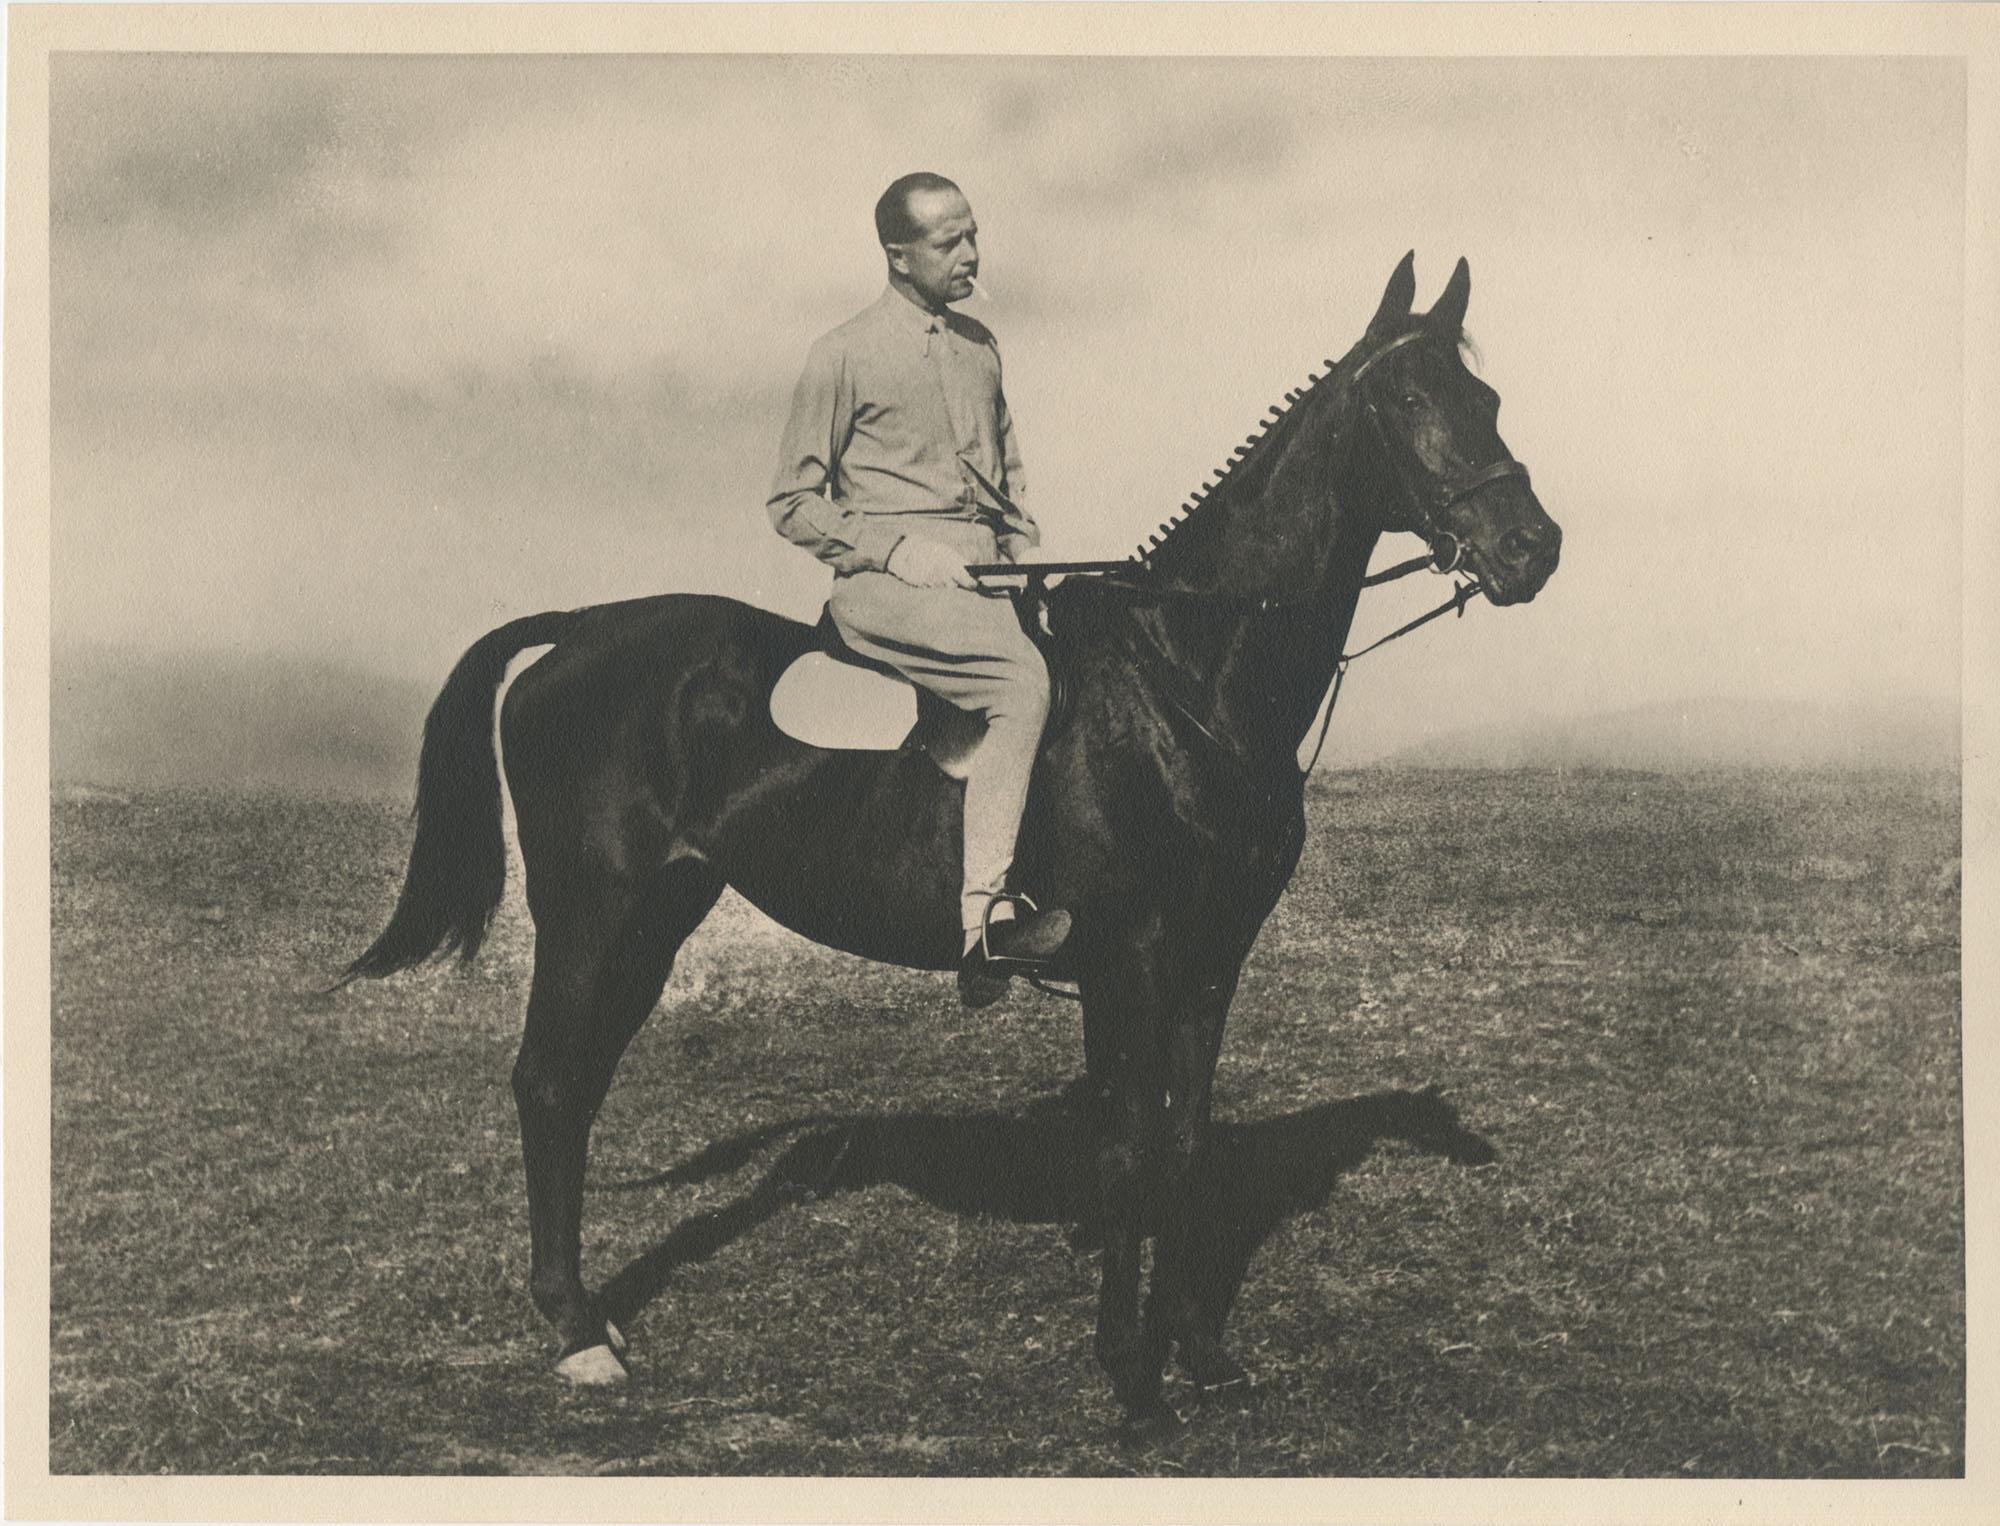 Mario Pansa astride a horse, Photograph 1